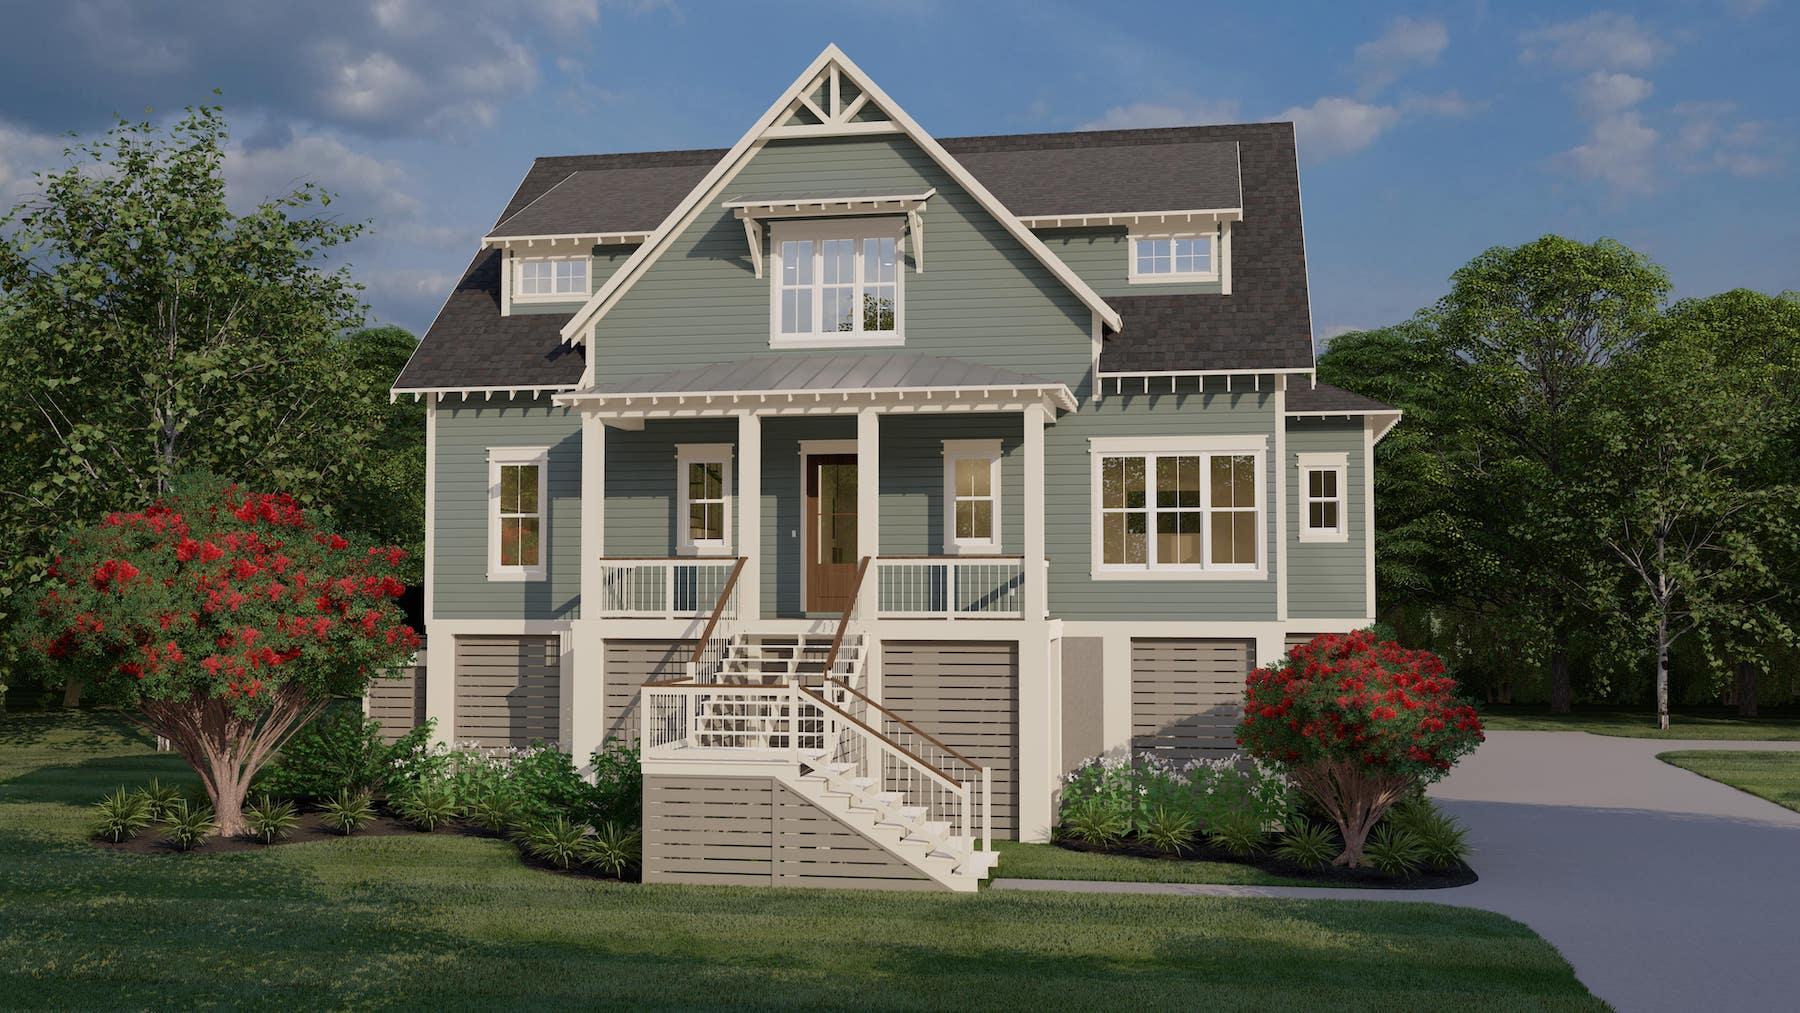 Montague 1491 Custom Home Plan